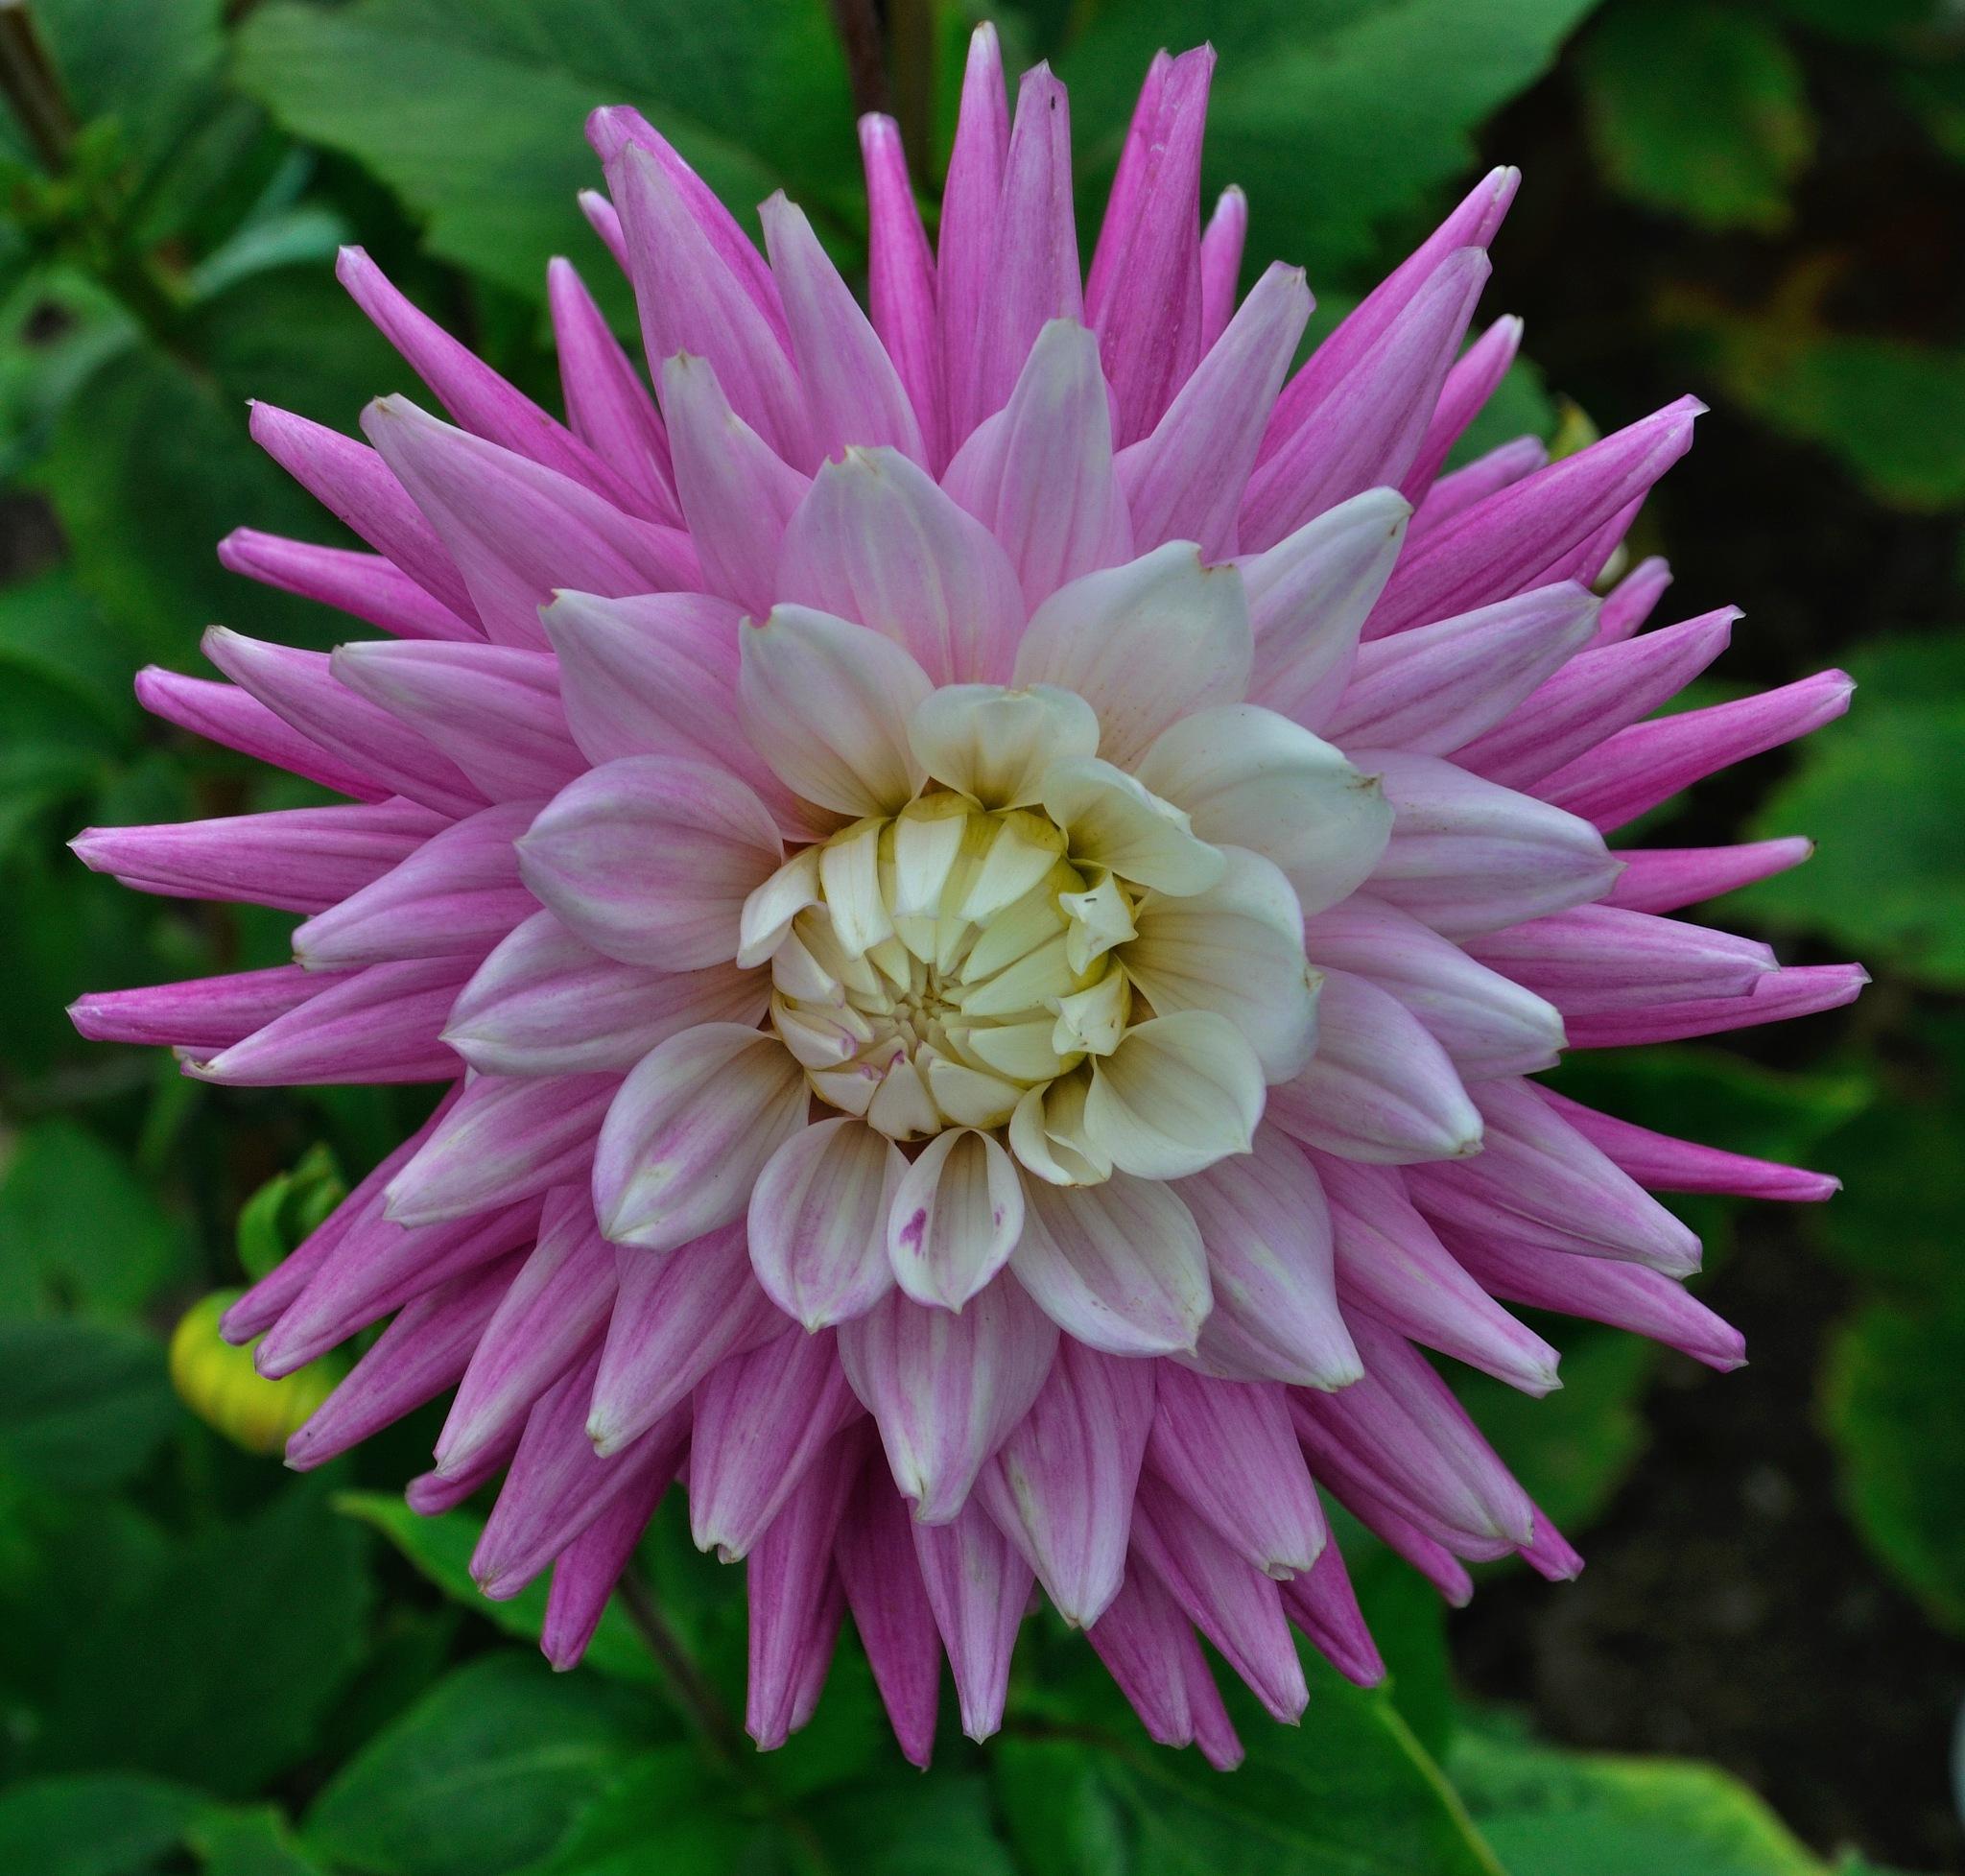 Flowers (25) by Derek Clarke